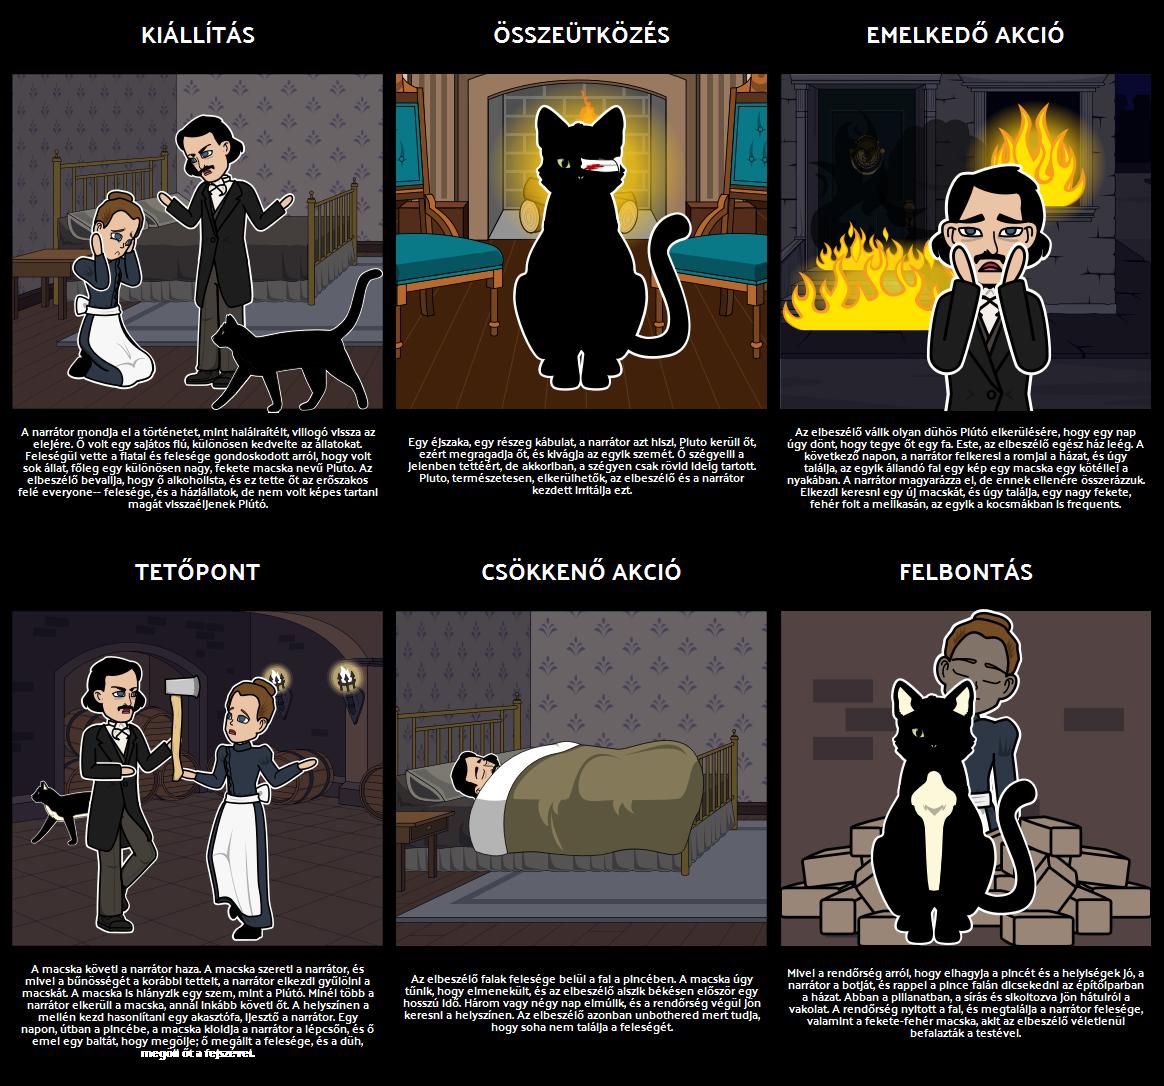 Vegyük Rajz The Black Cat